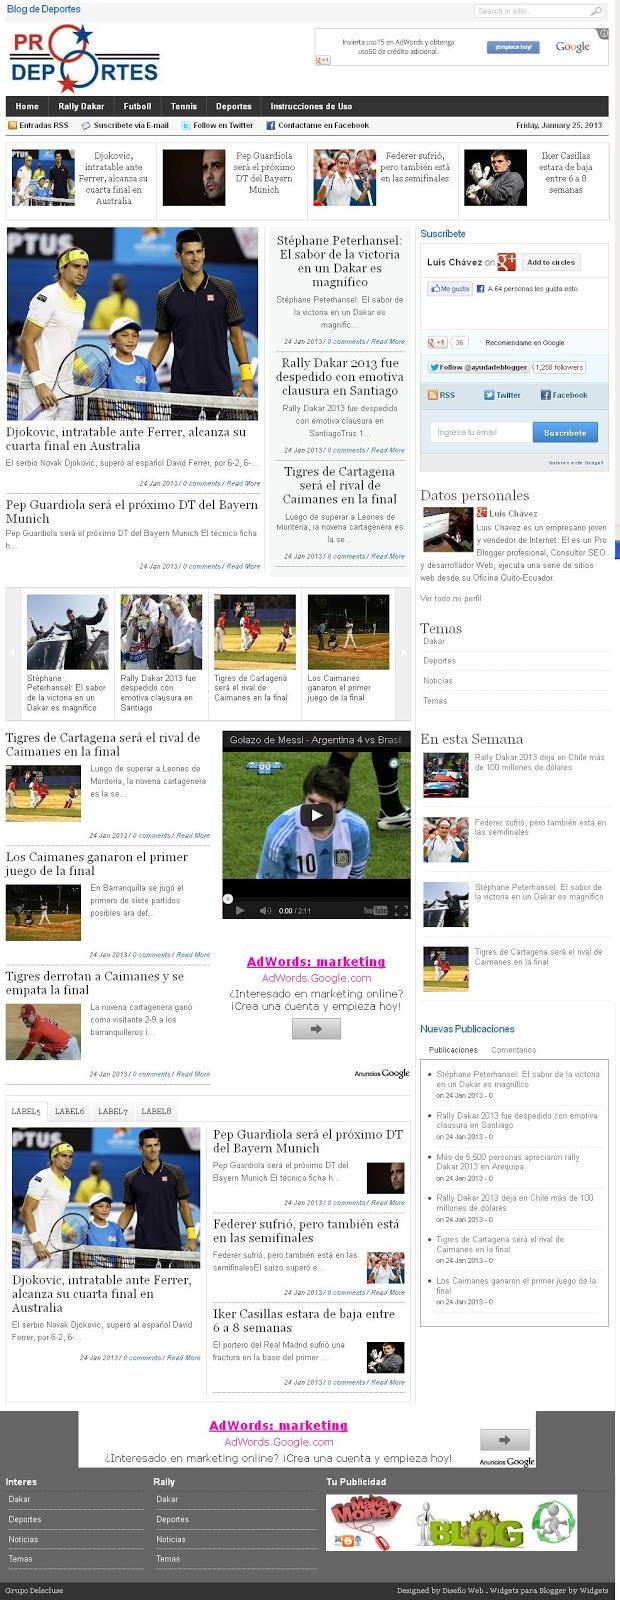 Plantillas para blogger para mi blog de deportes